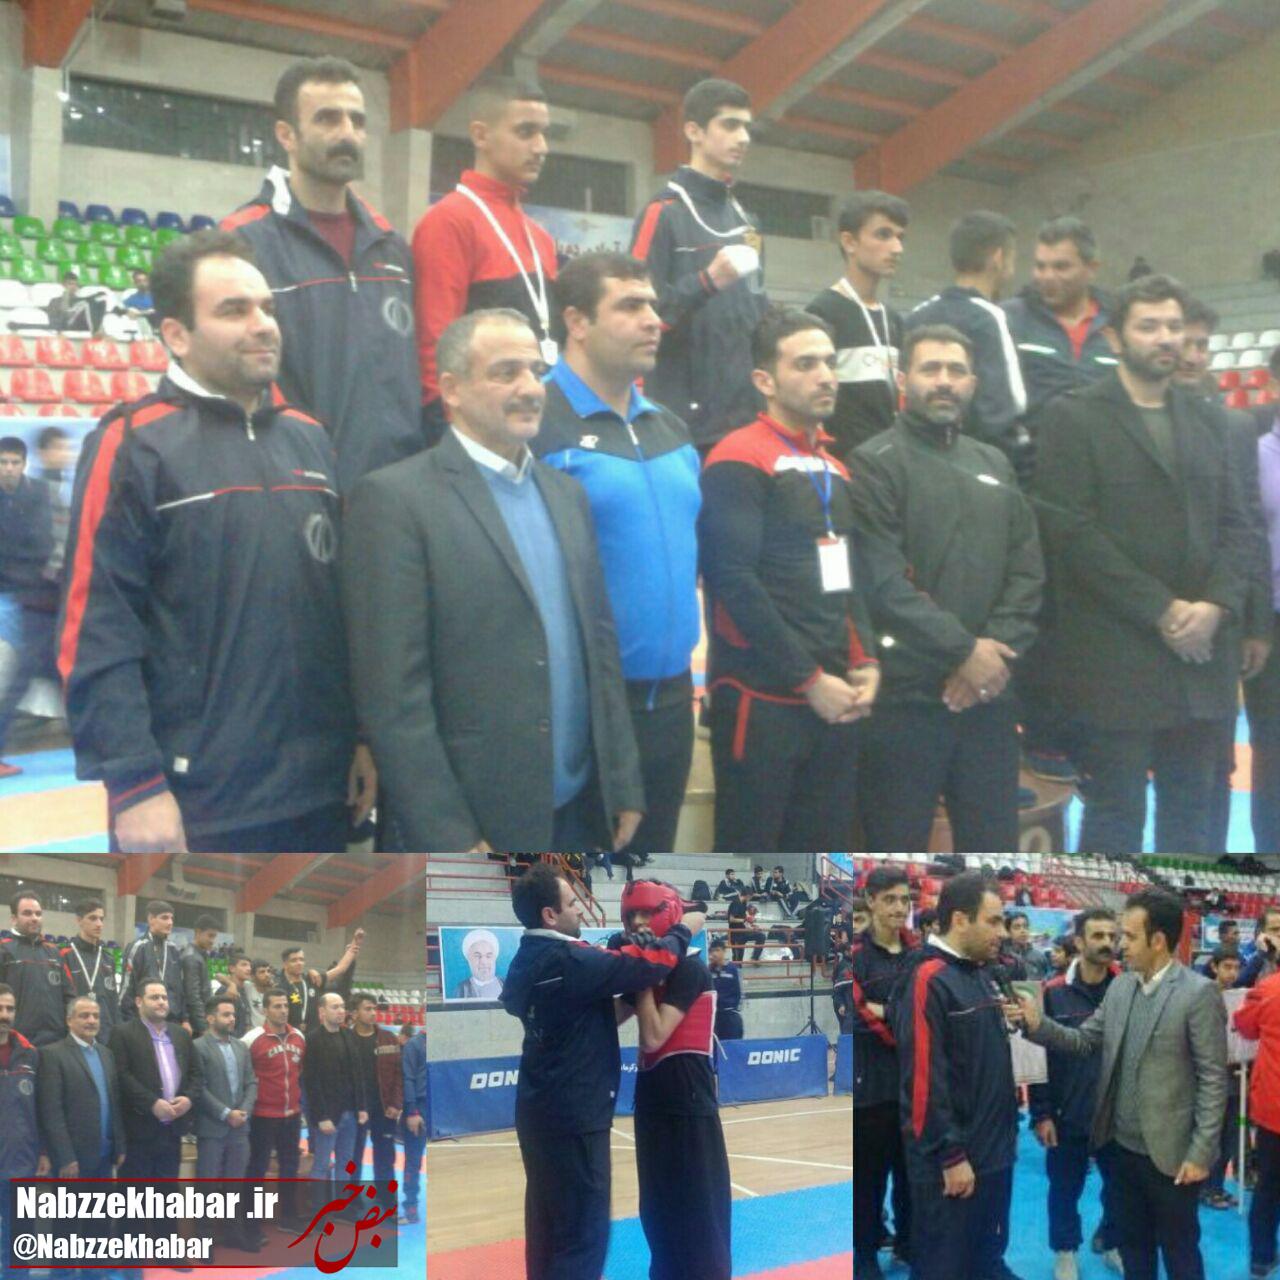 کسب دو مدال طلا و نقره تیم کنگ فو استان گیلان، در نخستین المپیاد استعداد های برتر ورزش کشور